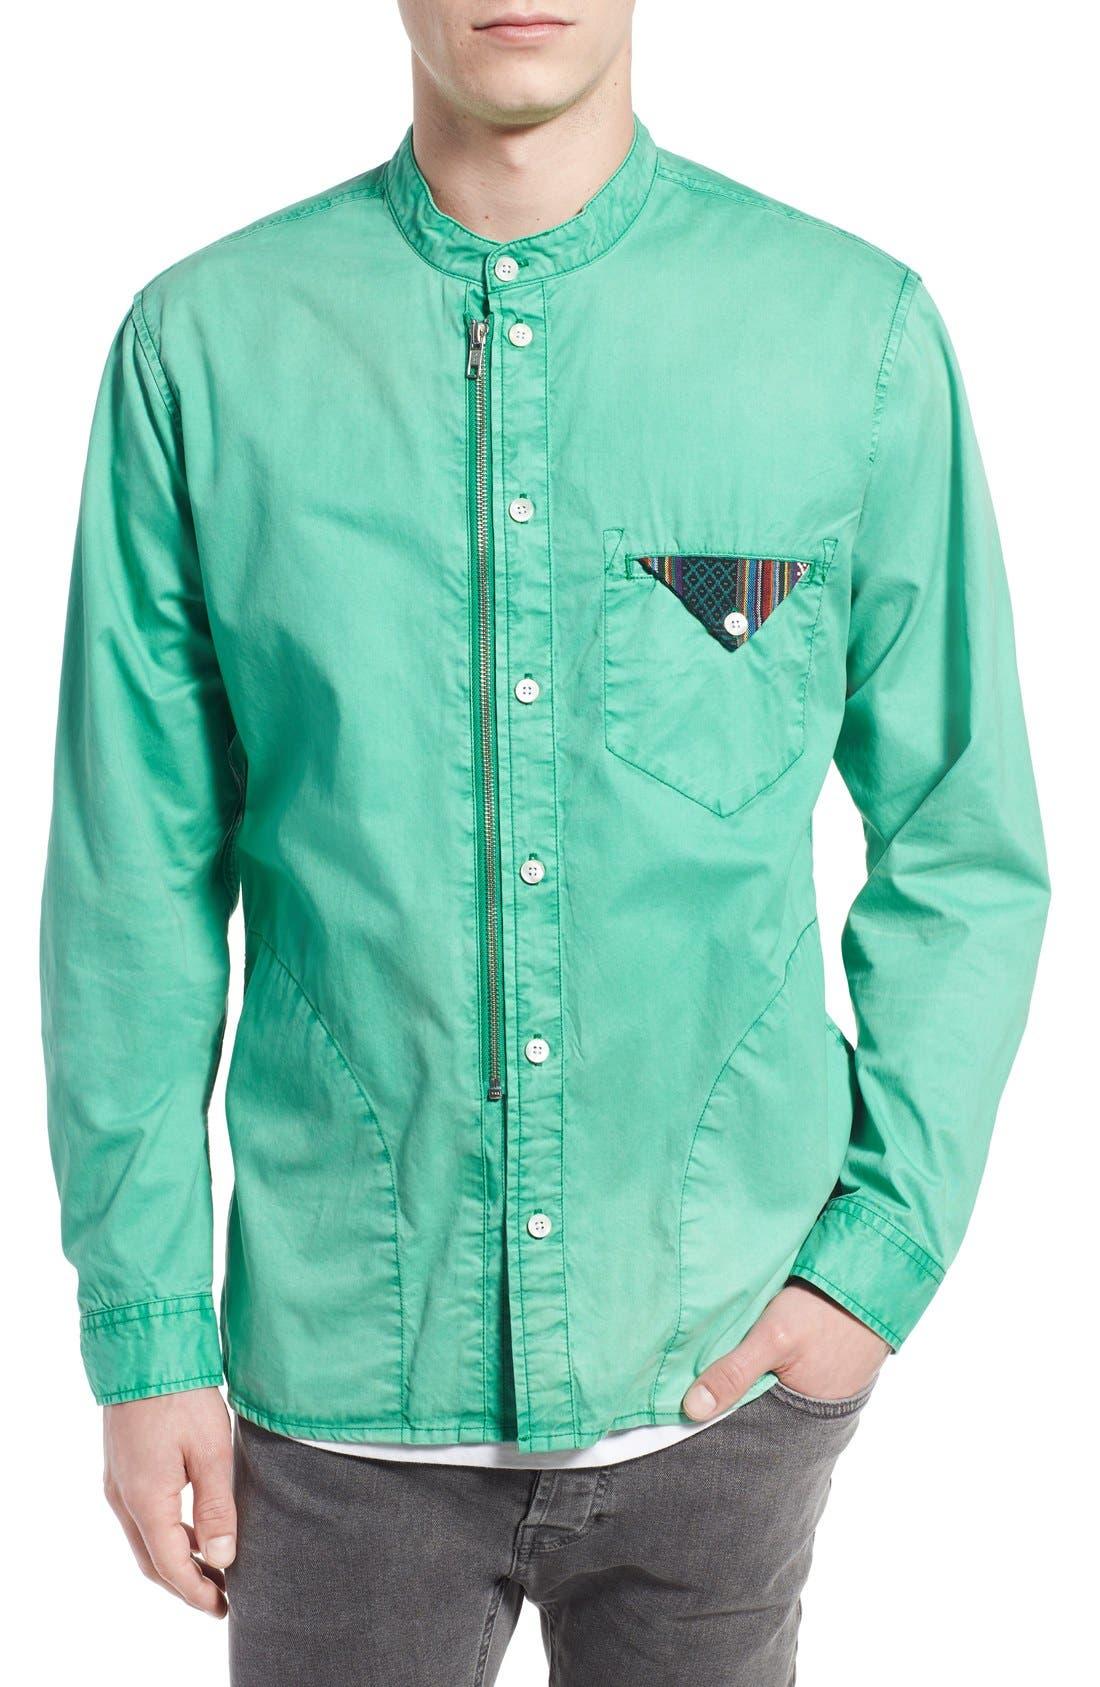 'Cotinga' Extra Trim Fit Band Collar Woven Shirt,                             Main thumbnail 1, color,                             300